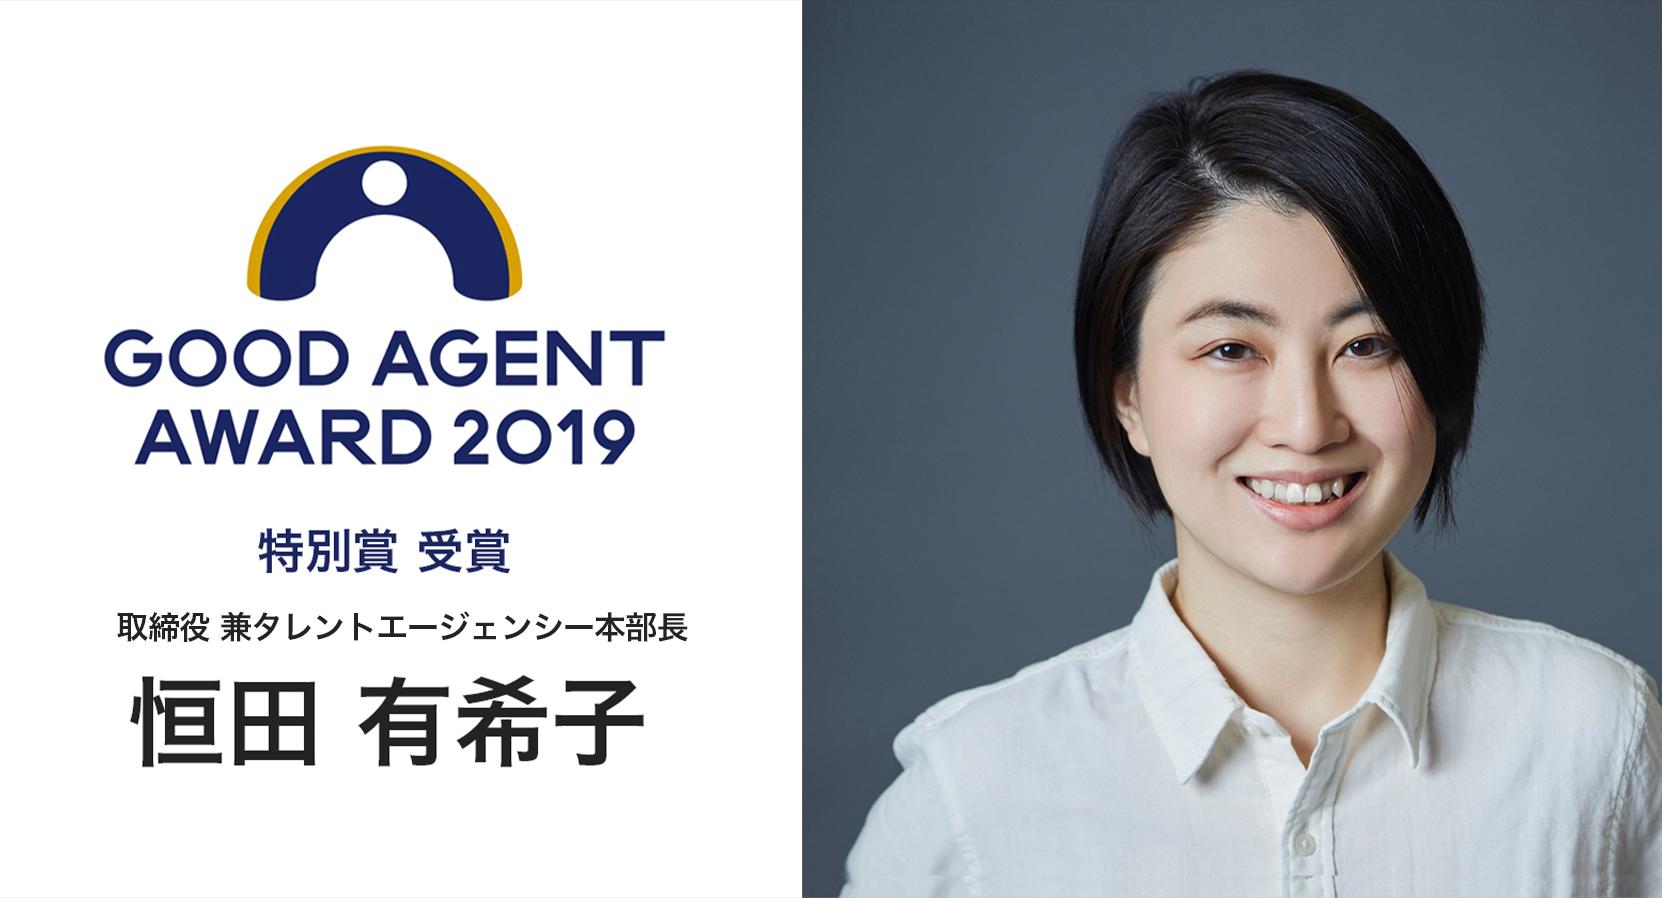 リクルートキャリア主催『GOOD AGENT AWARD 2019』特別賞受賞、当社ヒューマンキャピタリスト 恒田 有希子のインタビュー記事が掲載されました。